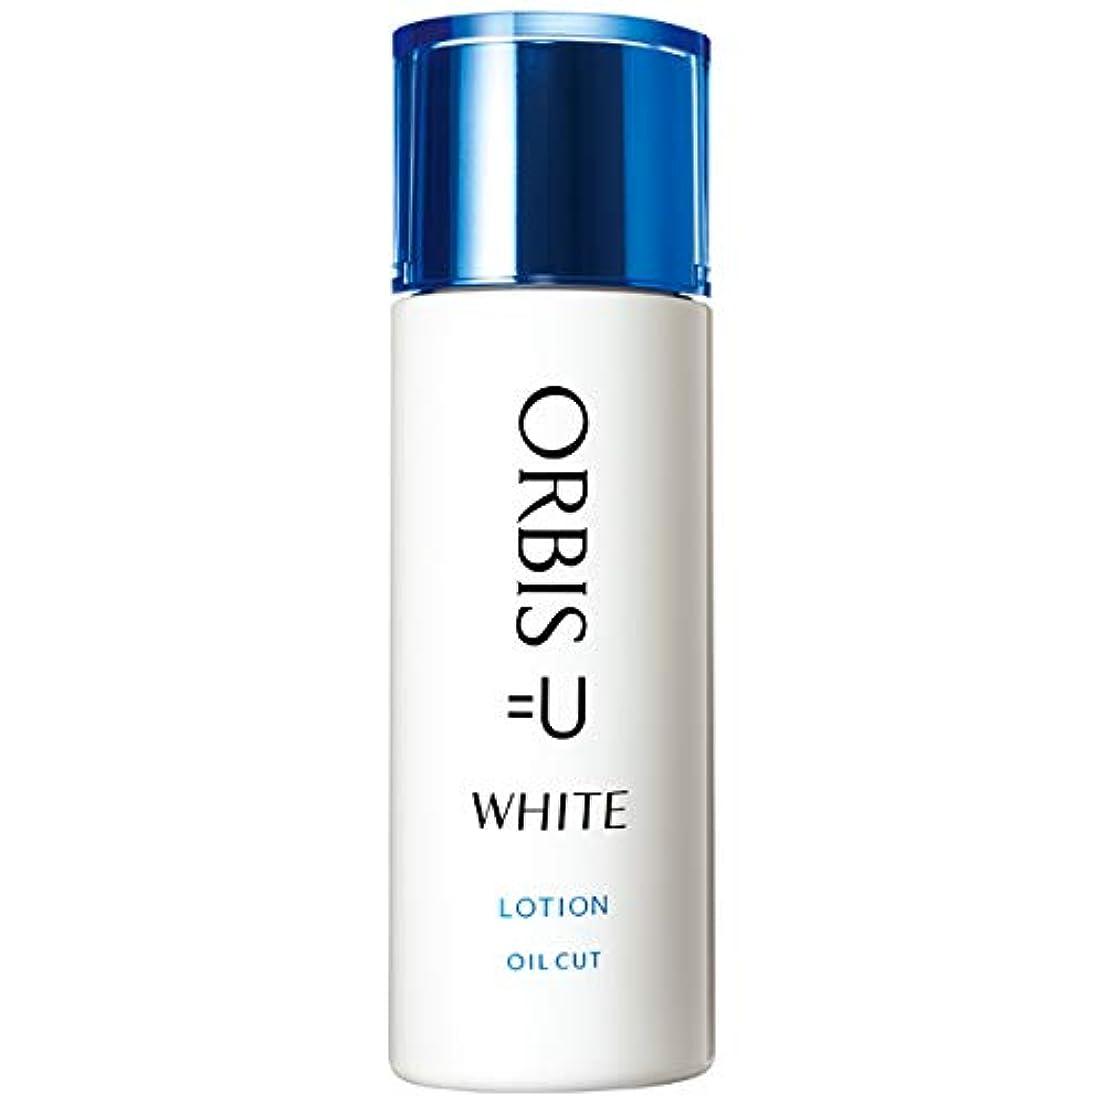 食べる備品解放するオルビス(ORBIS) オルビスユー ホワイト ローション 180mL 化粧水 [医薬部外品]